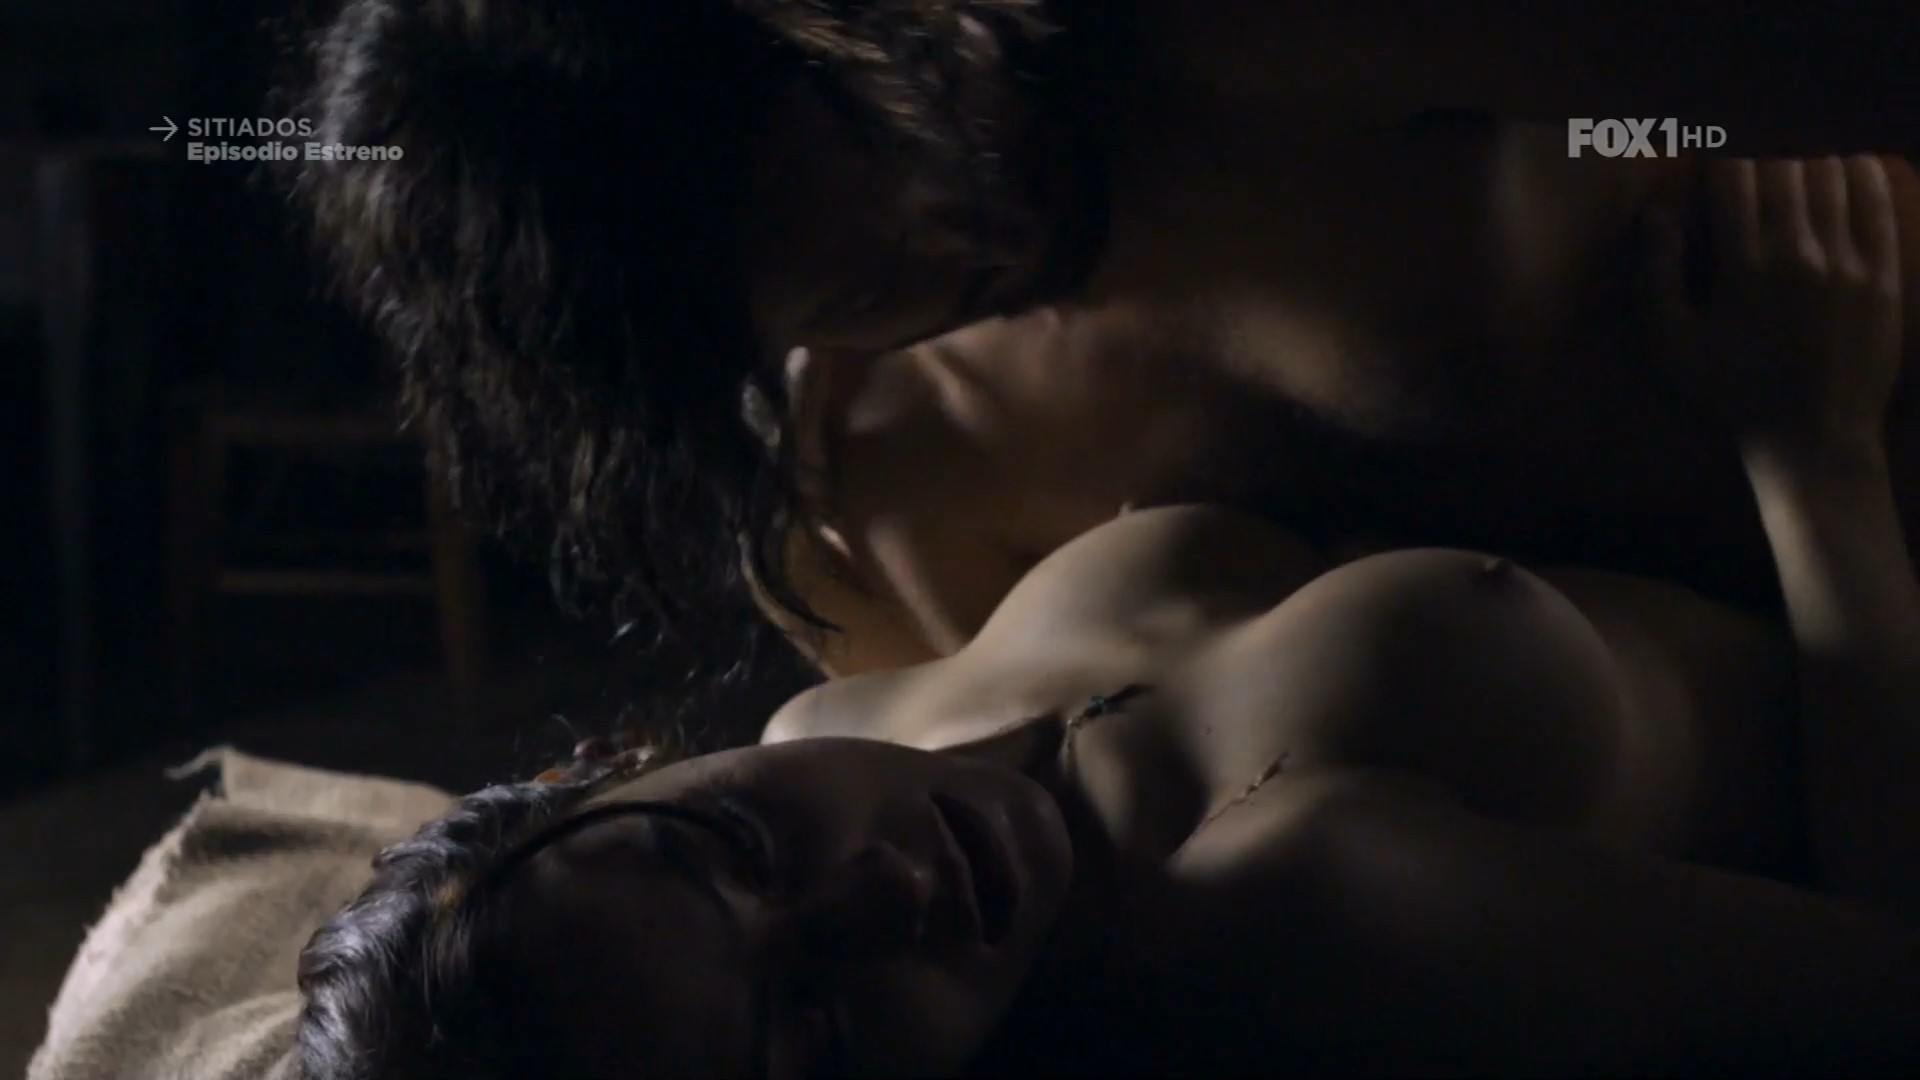 Jolene blalock slow burn nude scene